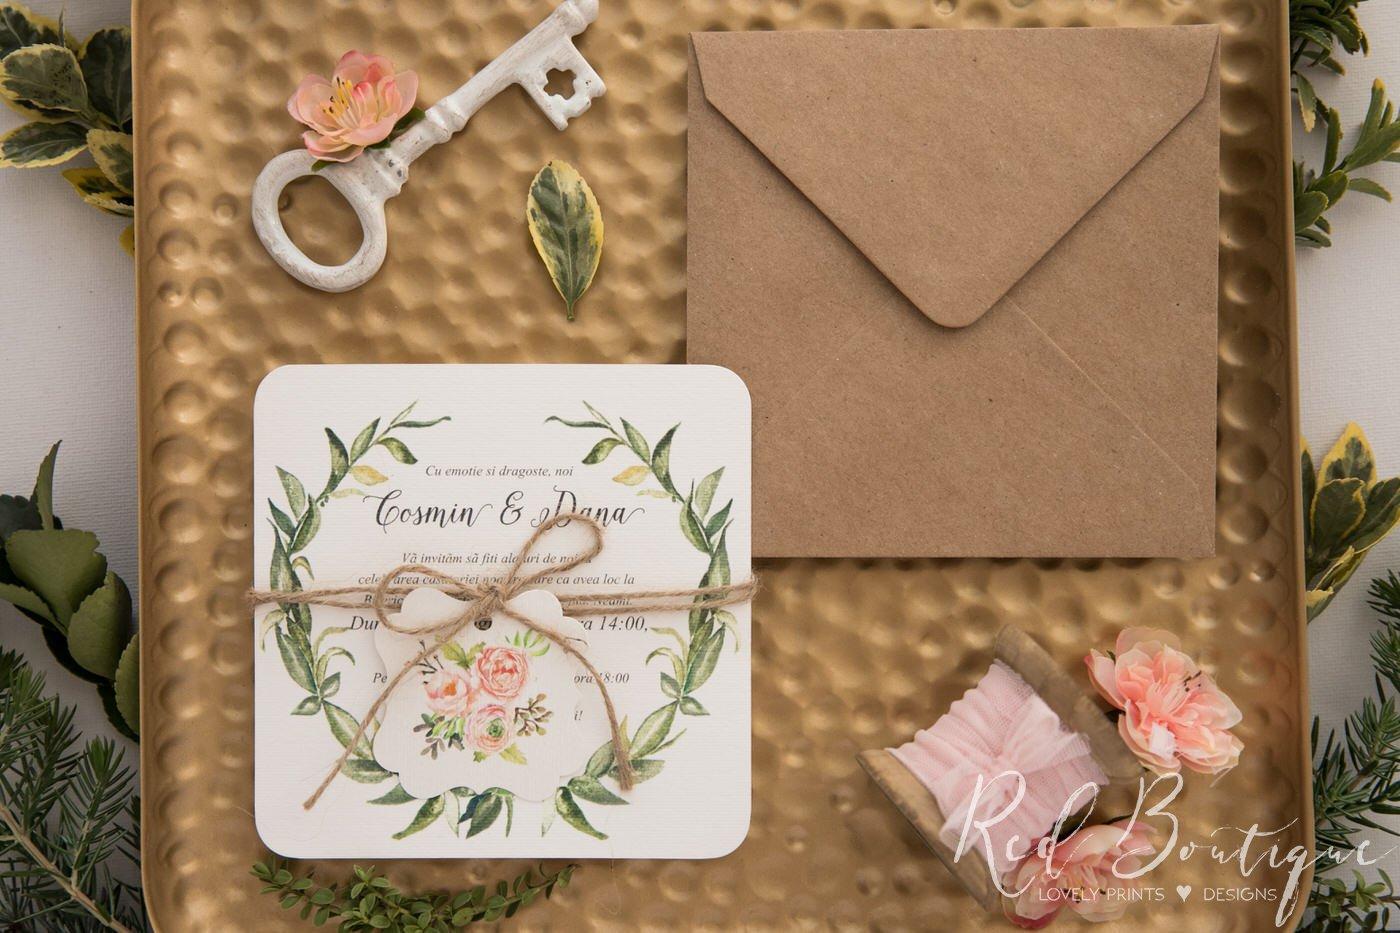 invitatie rustica cu verdeata si flori portocalii